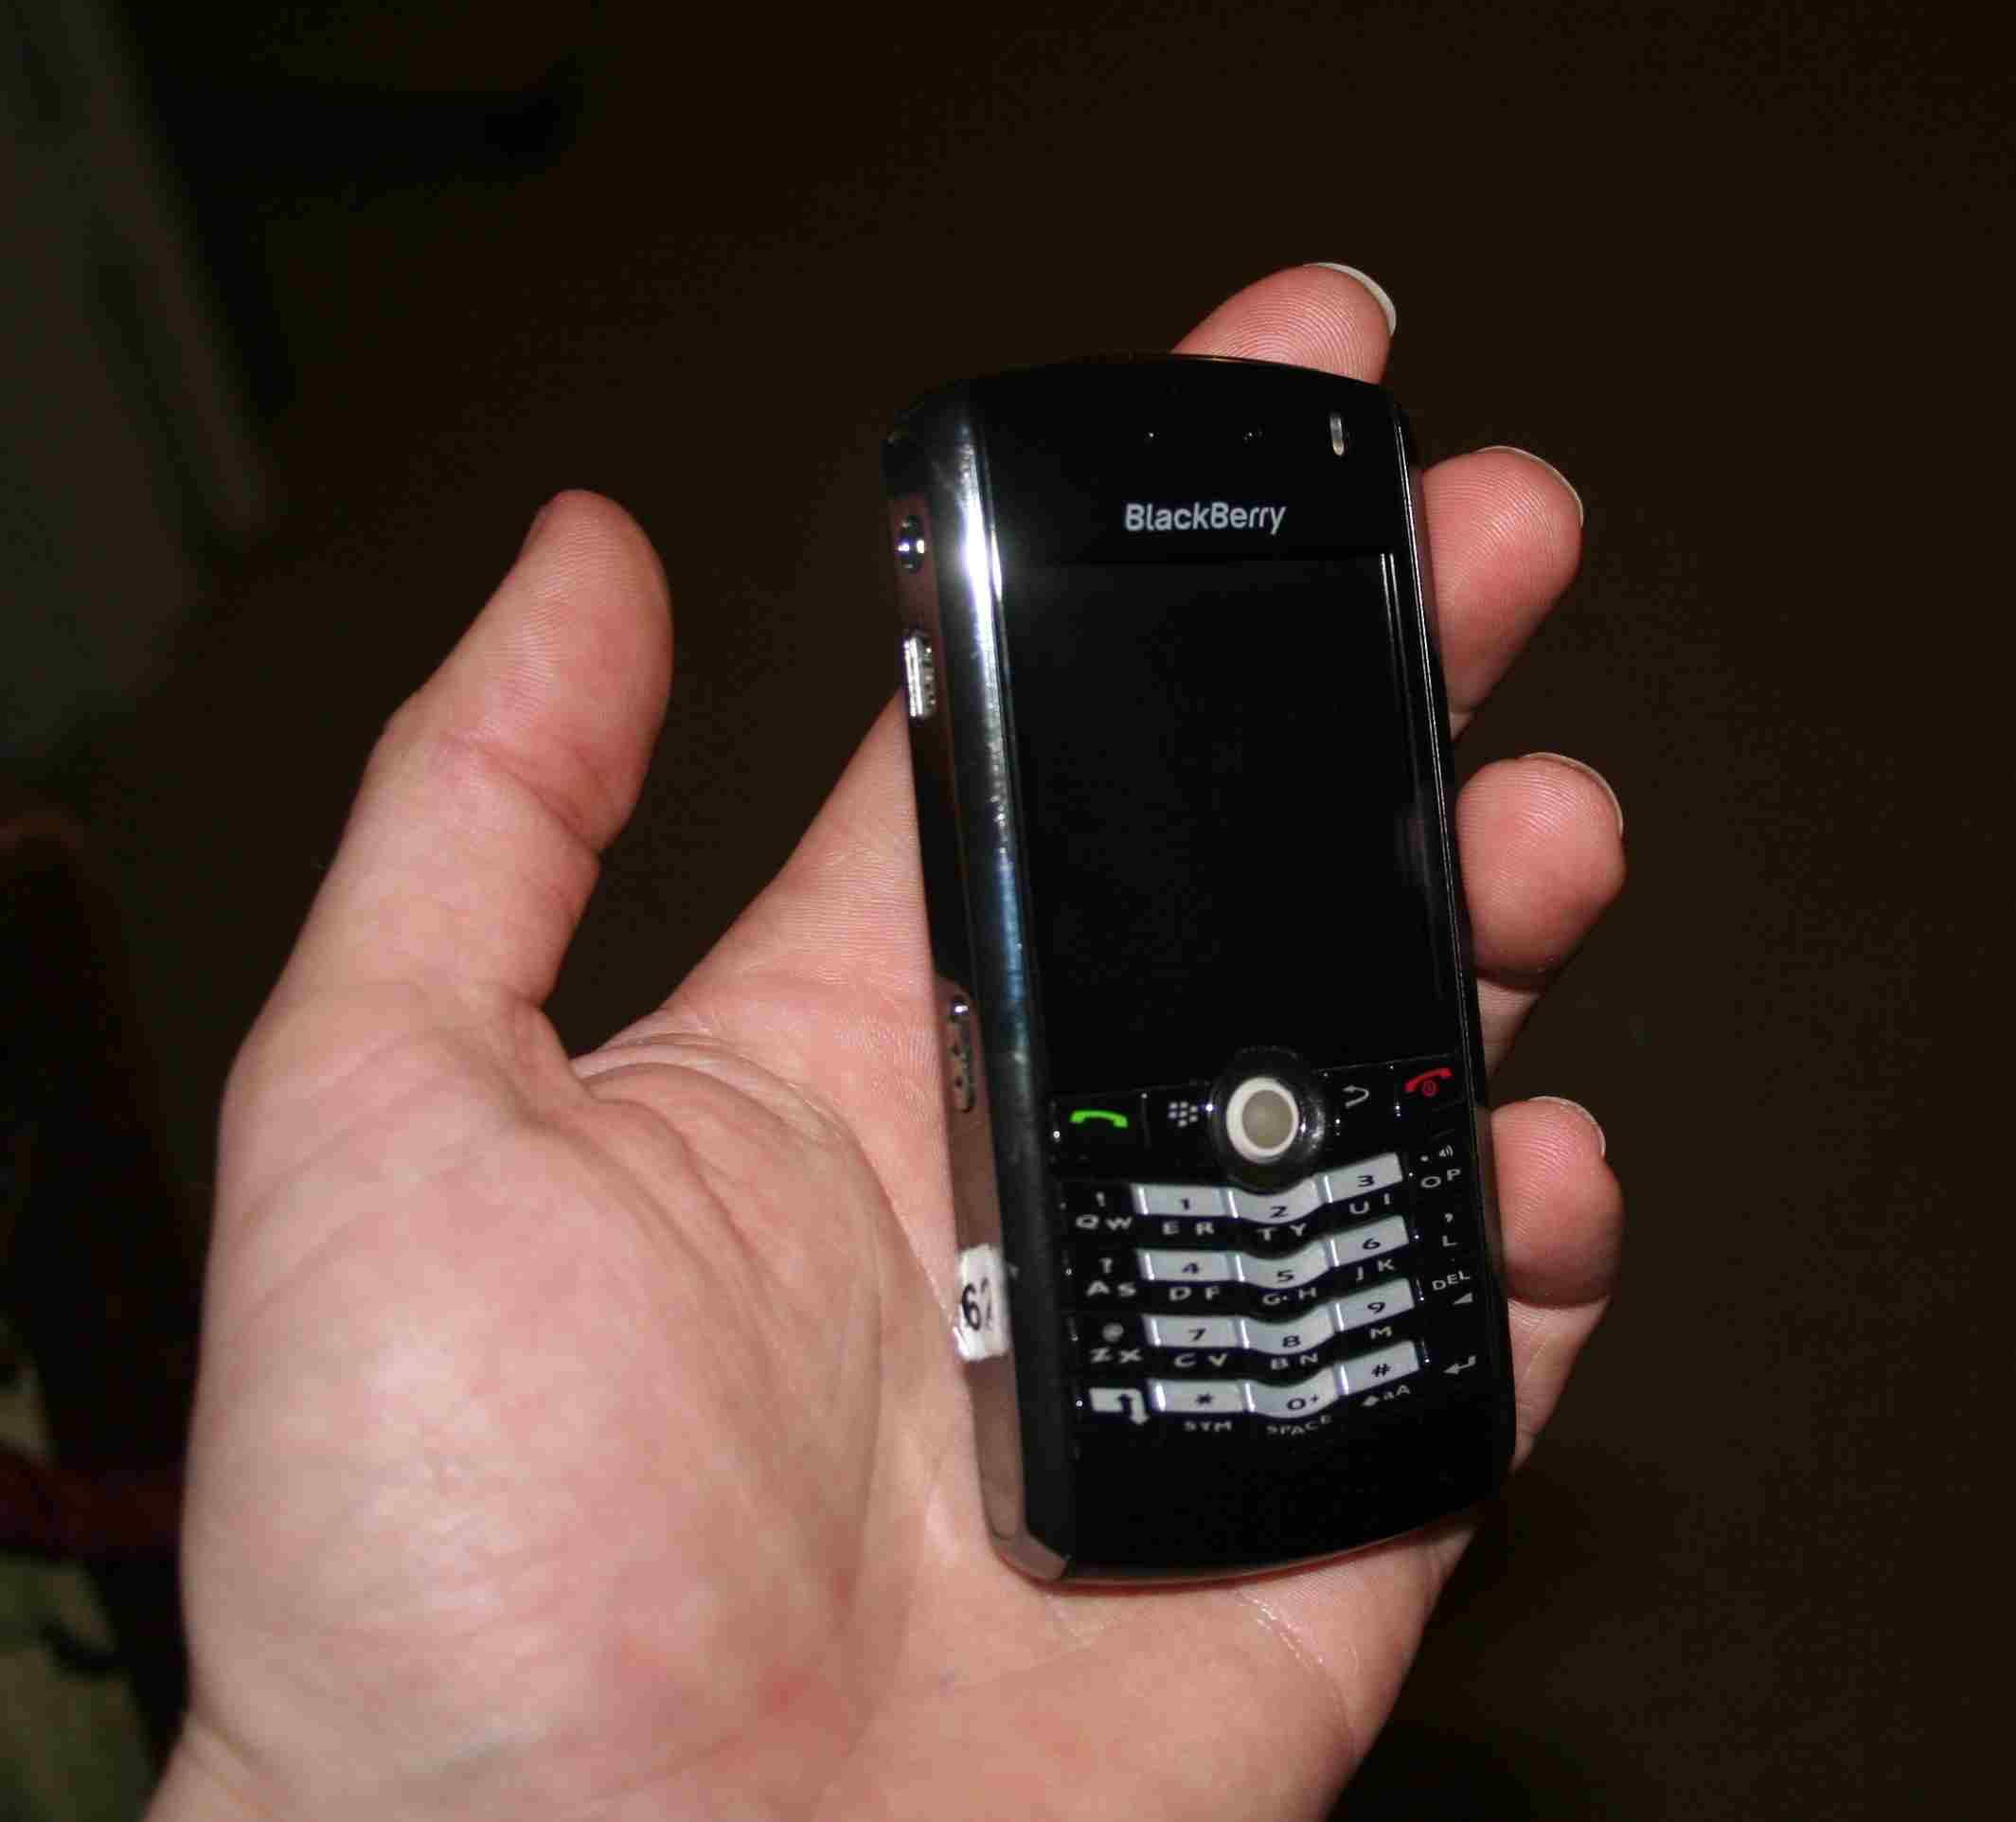 blackberry_pearl.jpg